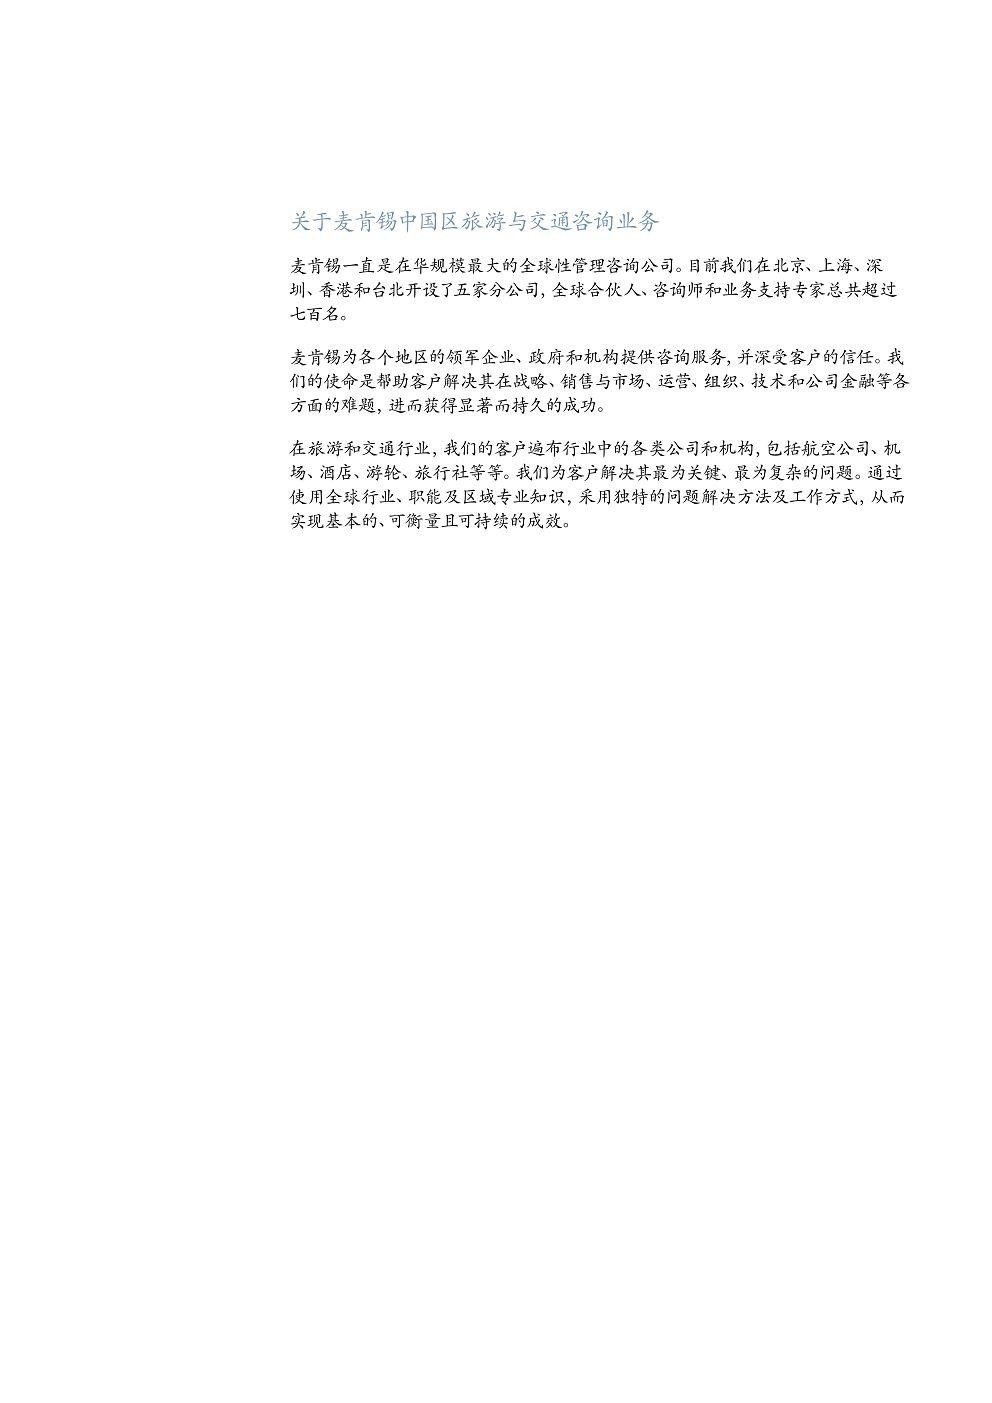 McK_China-tourism-report-2018_CN_31